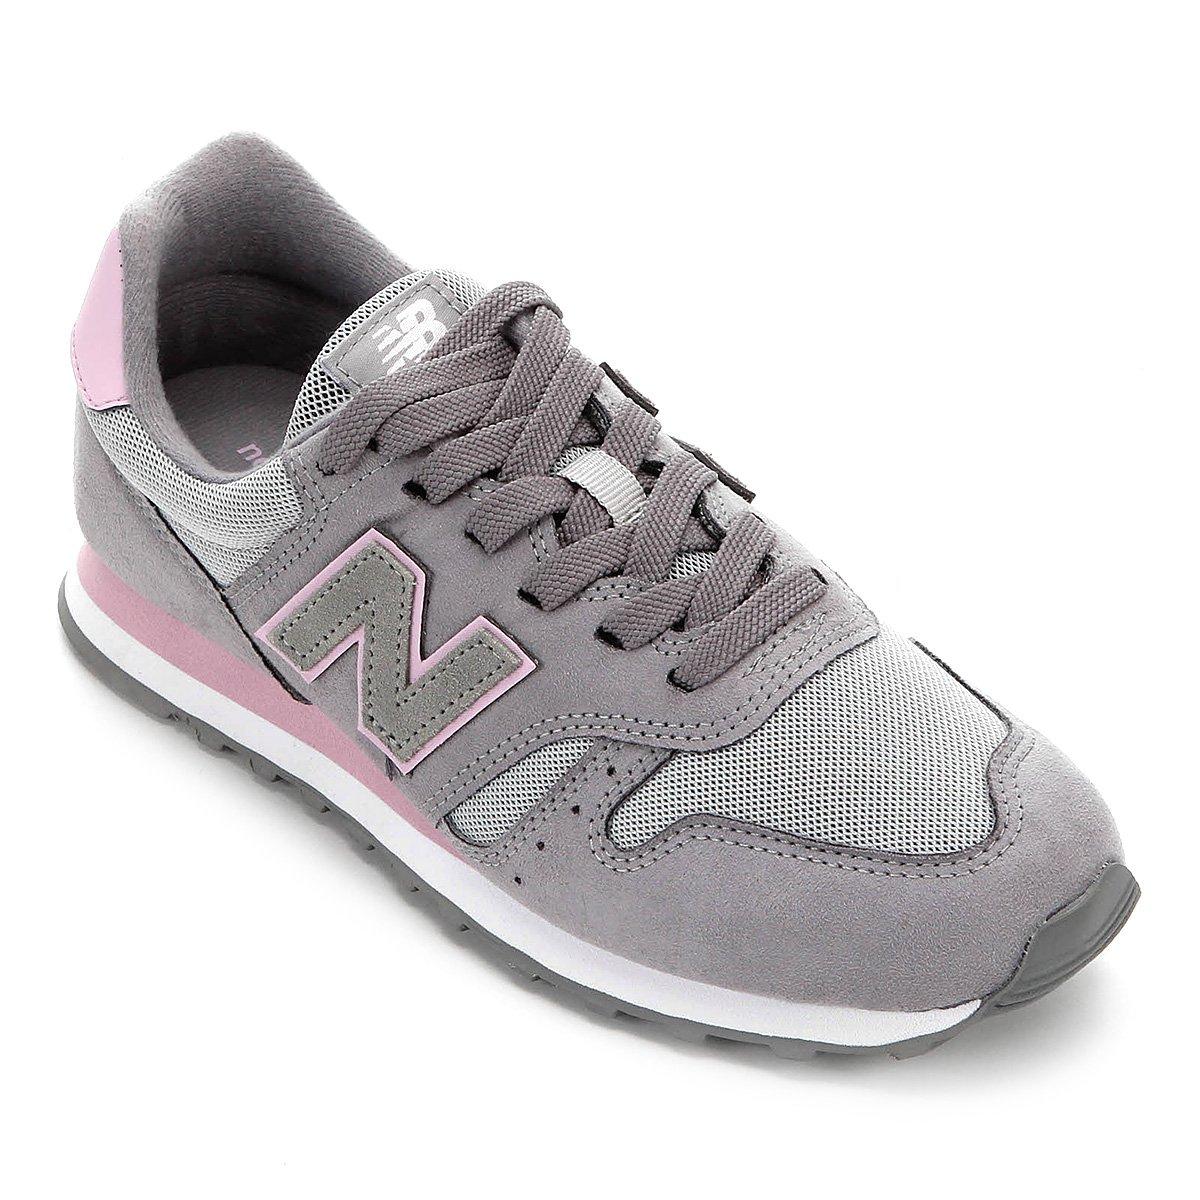 tenis new balance feminino cinza e rosa